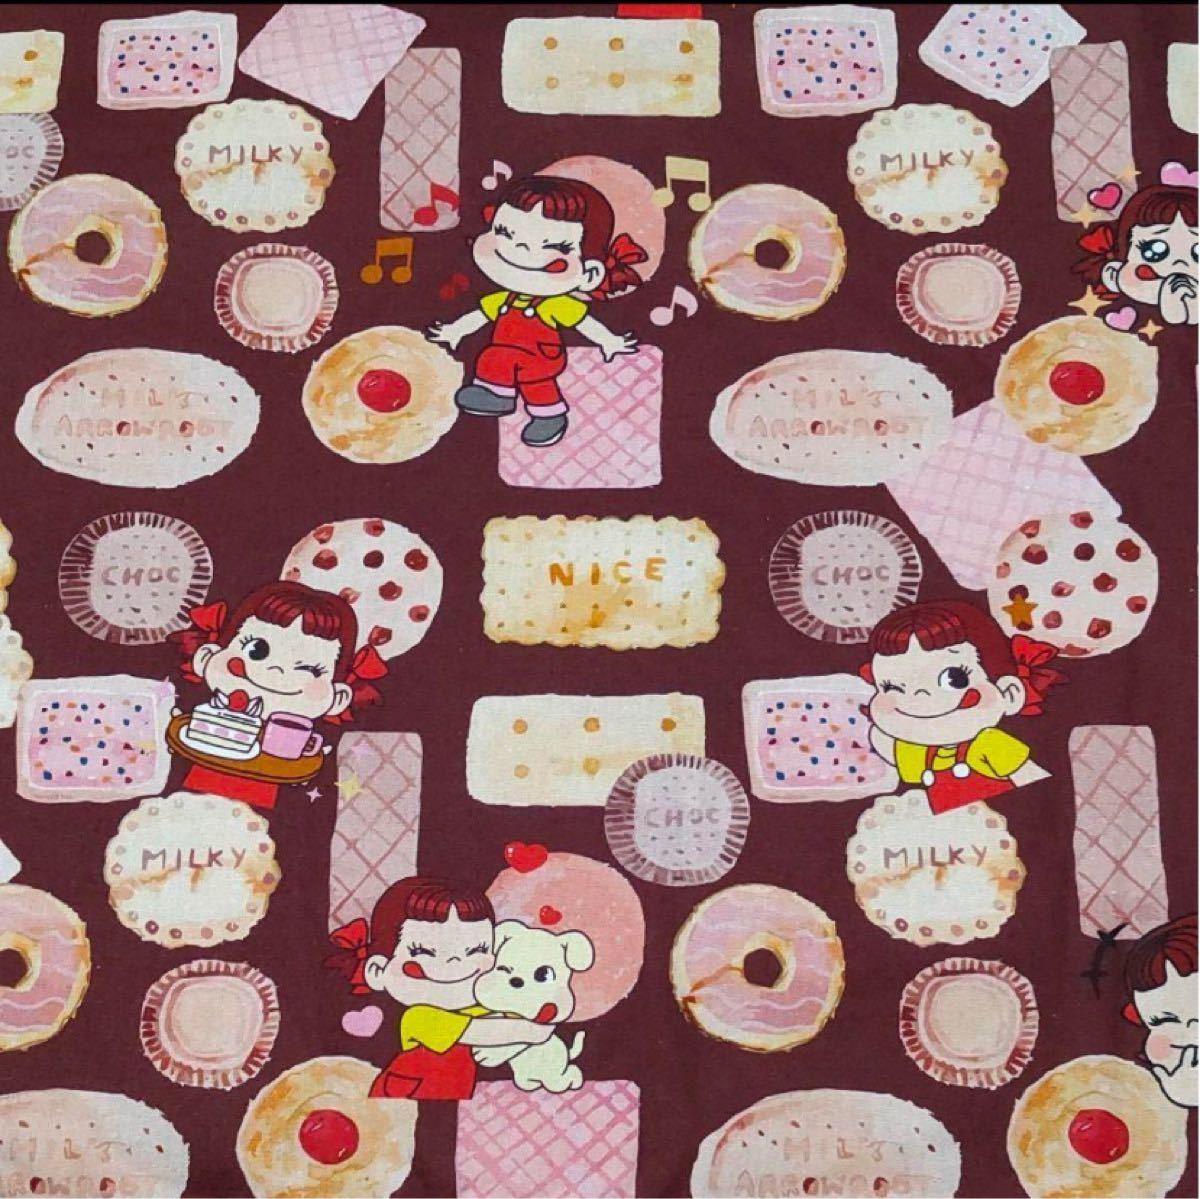 ペコちゃん 綿100%      シーチング  生地 ドーナツ、ケーキ、ビスケット柄  ハンドメイド